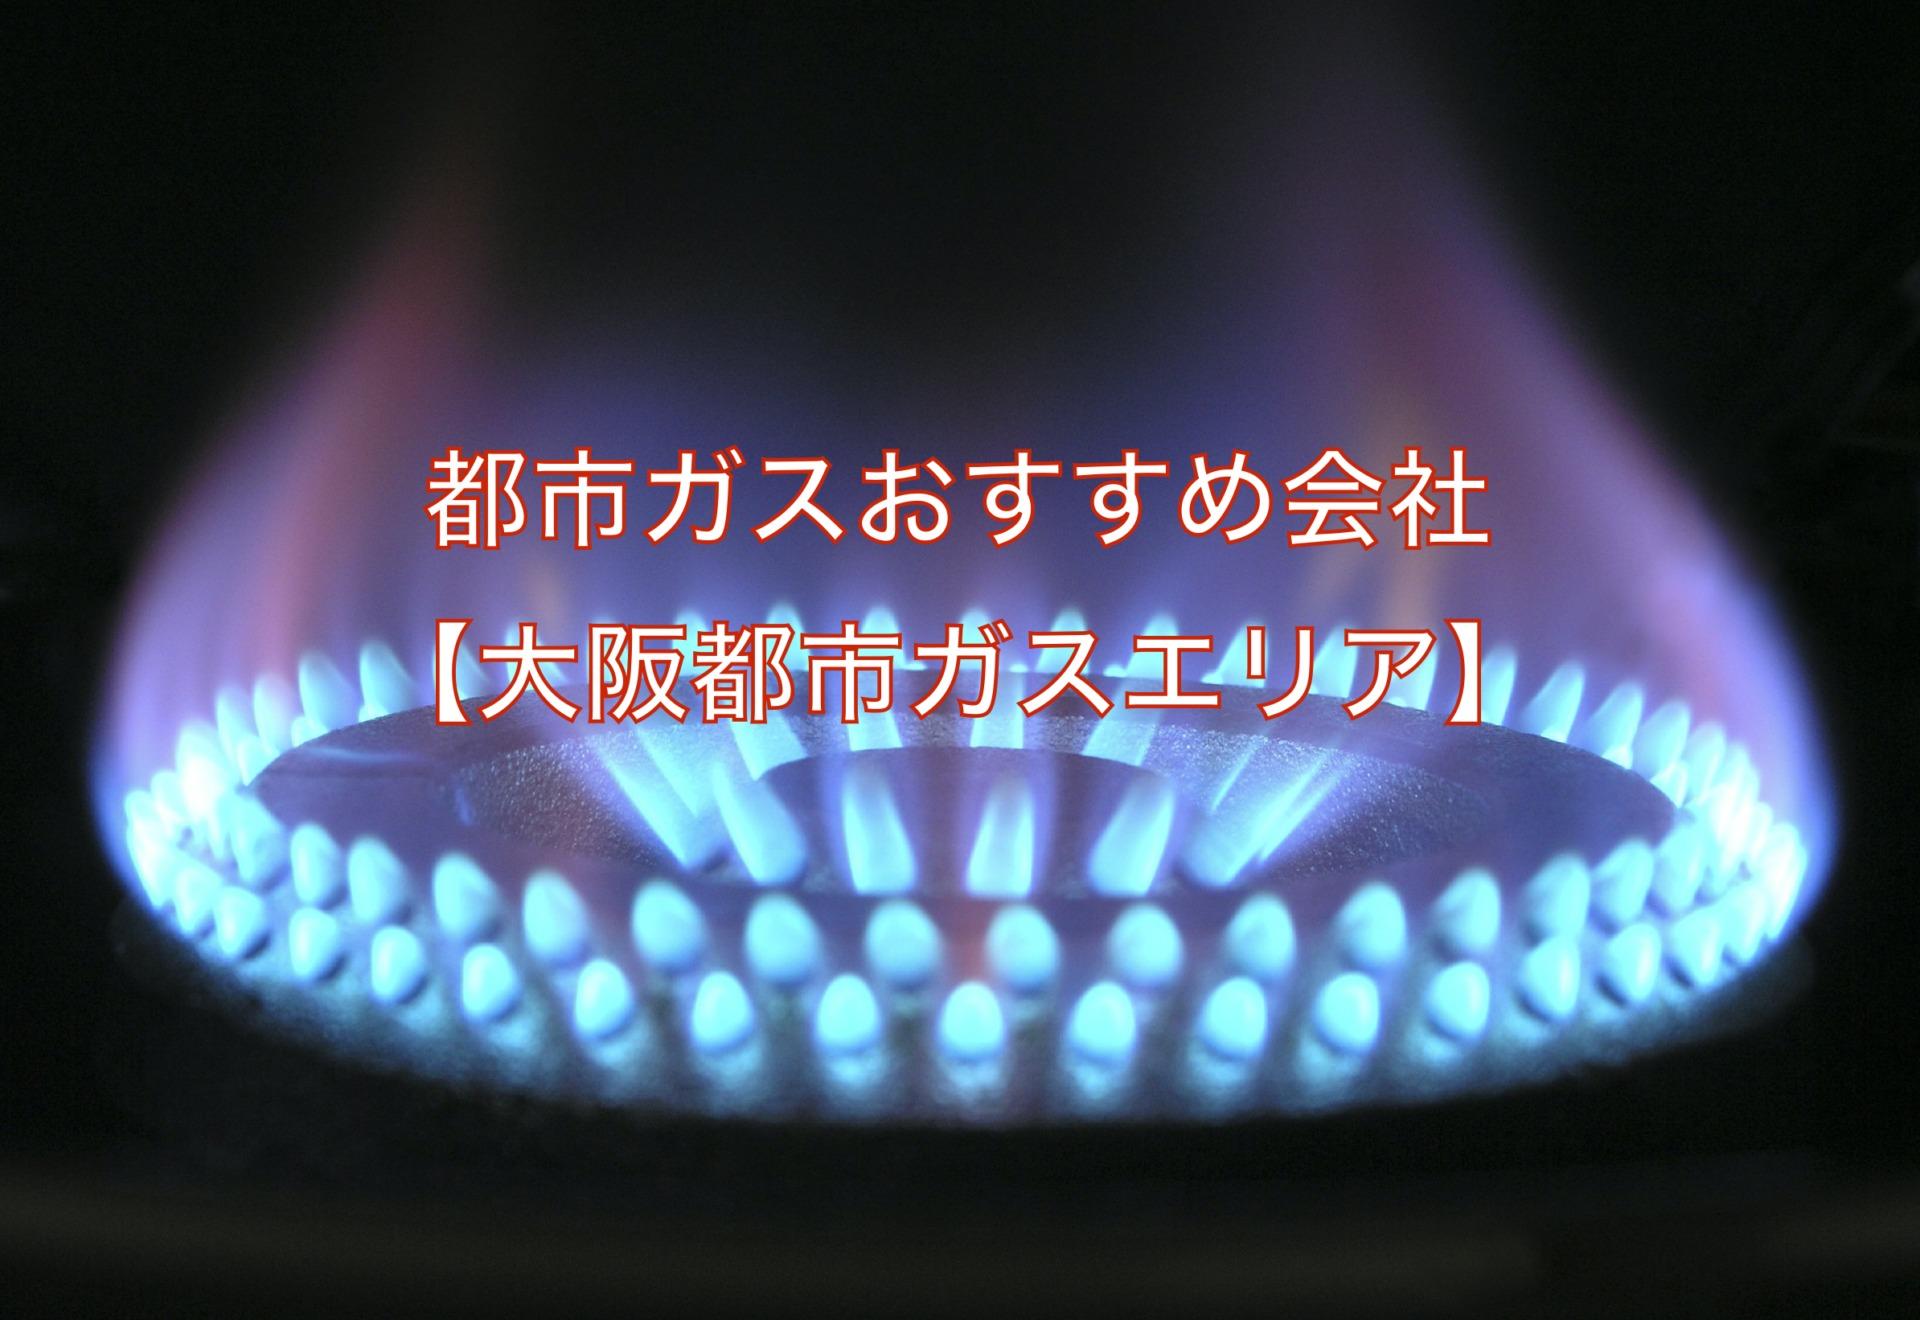 【関西】都市ガス会社おすすめランキングTOP5|大阪ガスエリアの都市ガスを徹底比較!